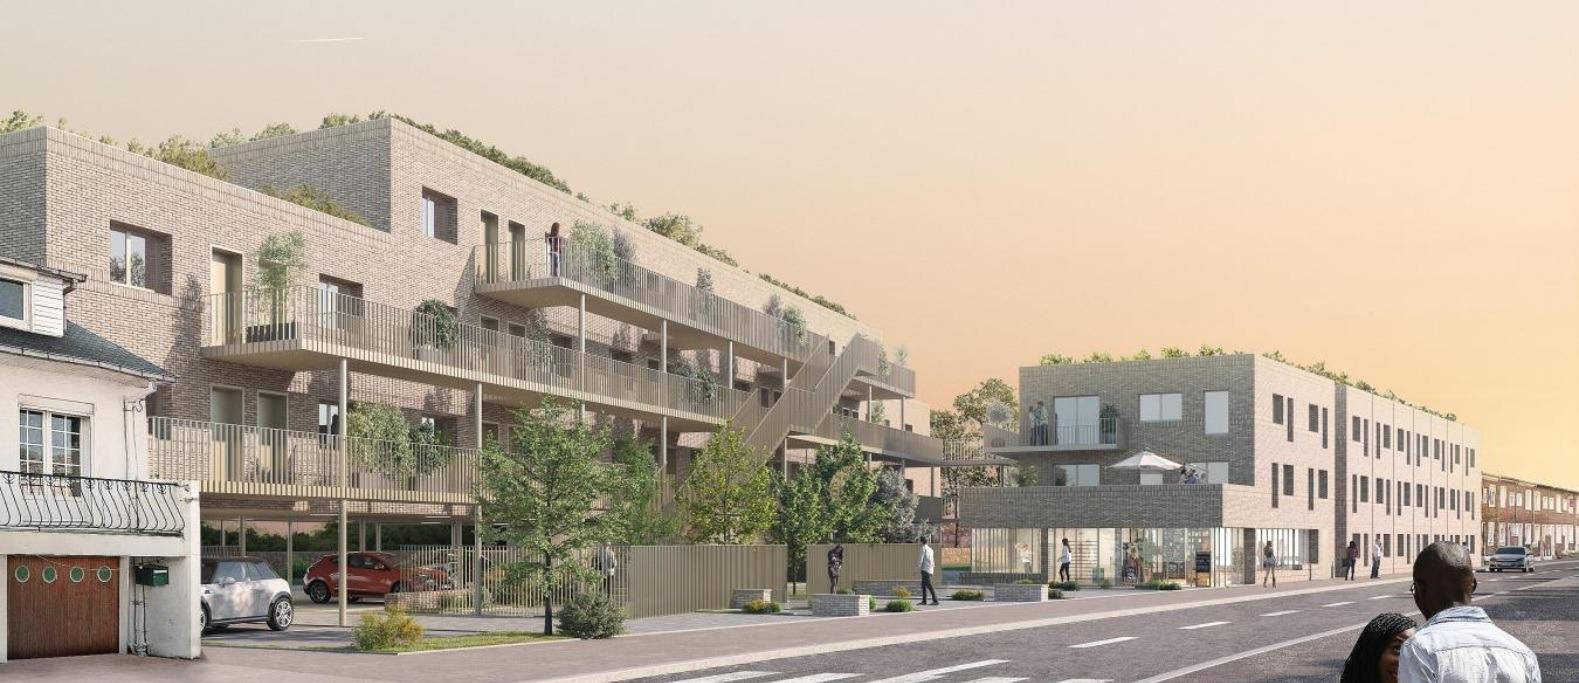 Saint-Michel : un futur lieu de vie ouvert à tous, avec ou sans handicap